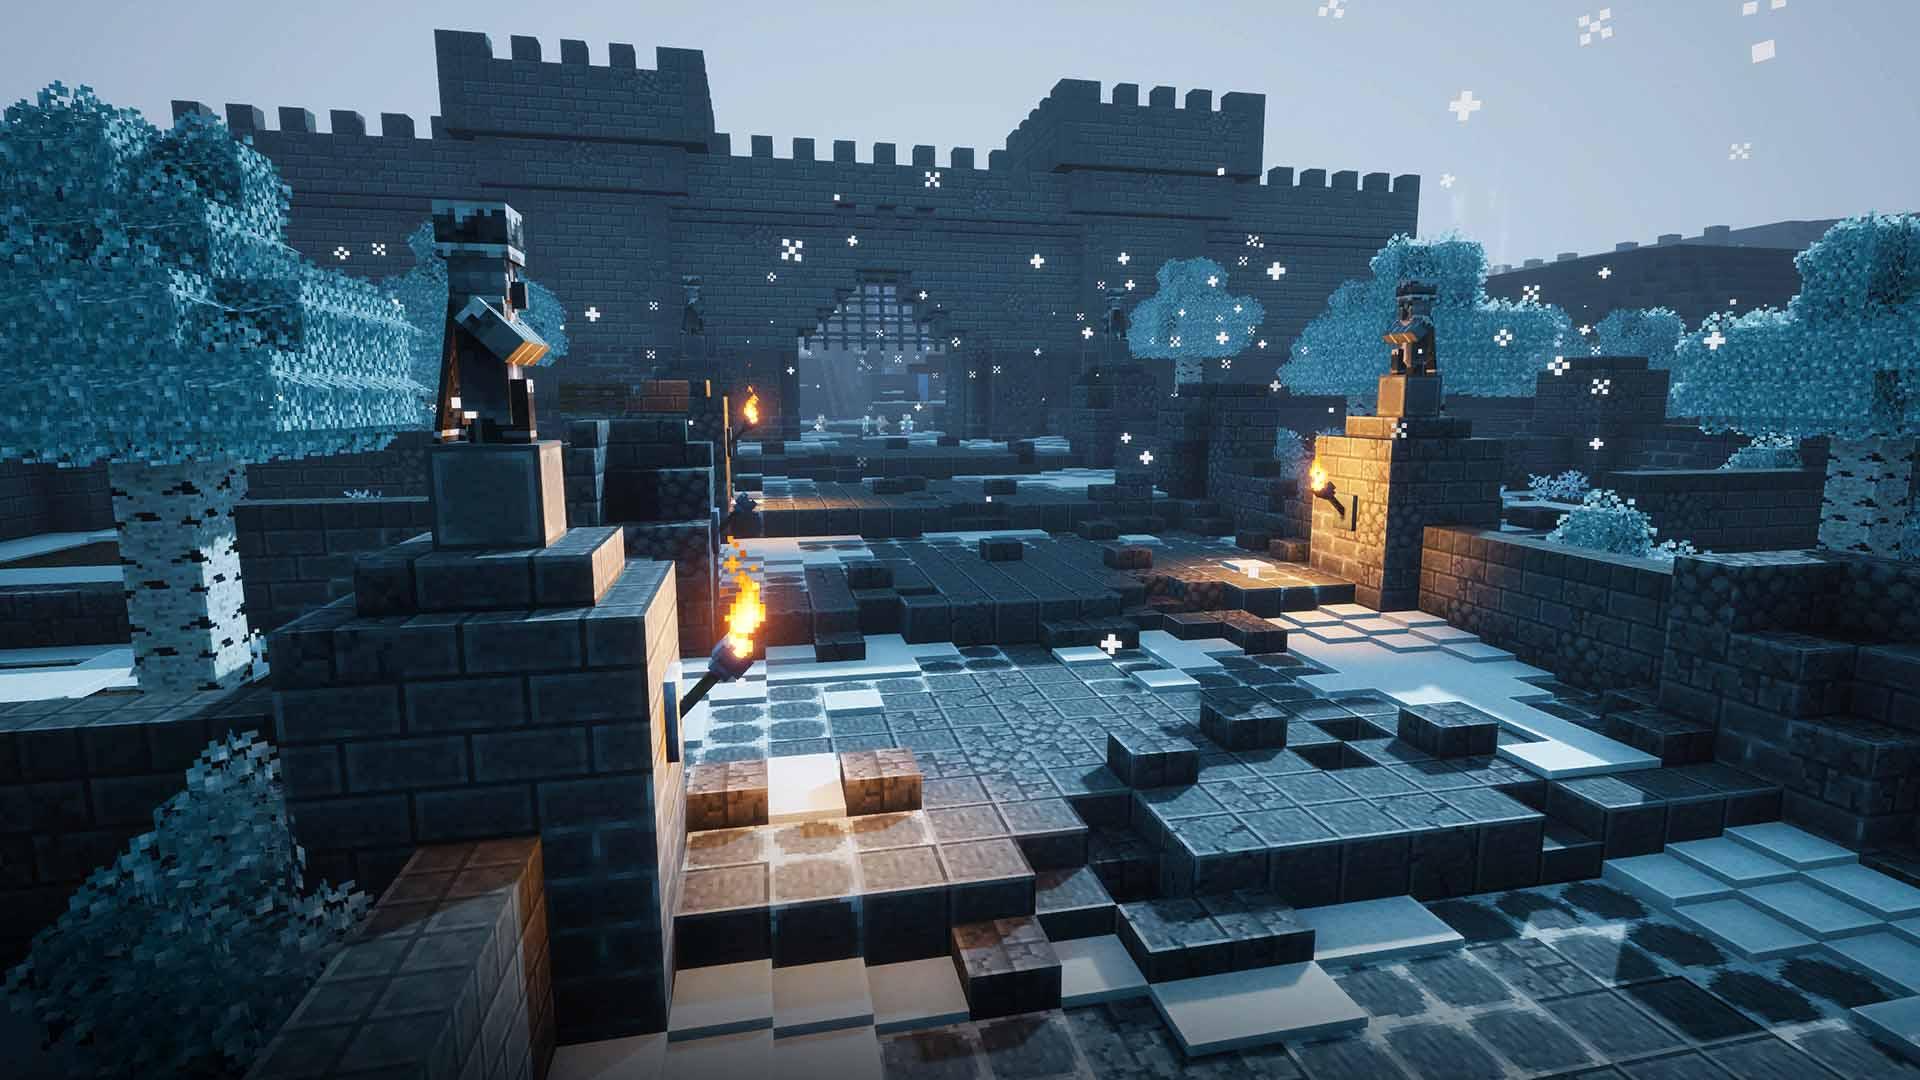 Filtran nuevas imágenes desvelando los mapas de los DLC de Minecraft Dungeons 3